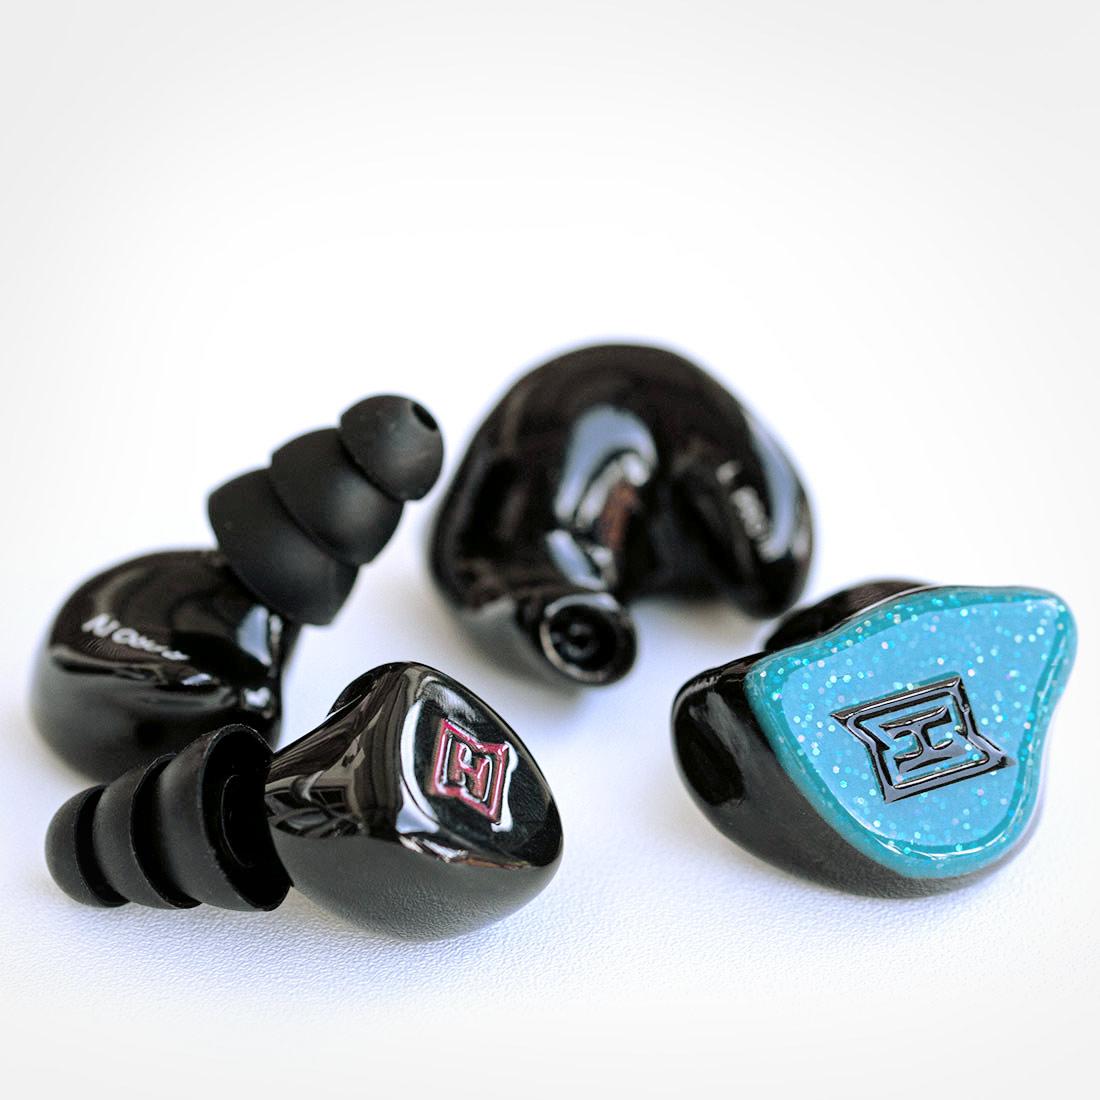 HEAROS Blog, 05/2021: Warum angepasste In Ears?